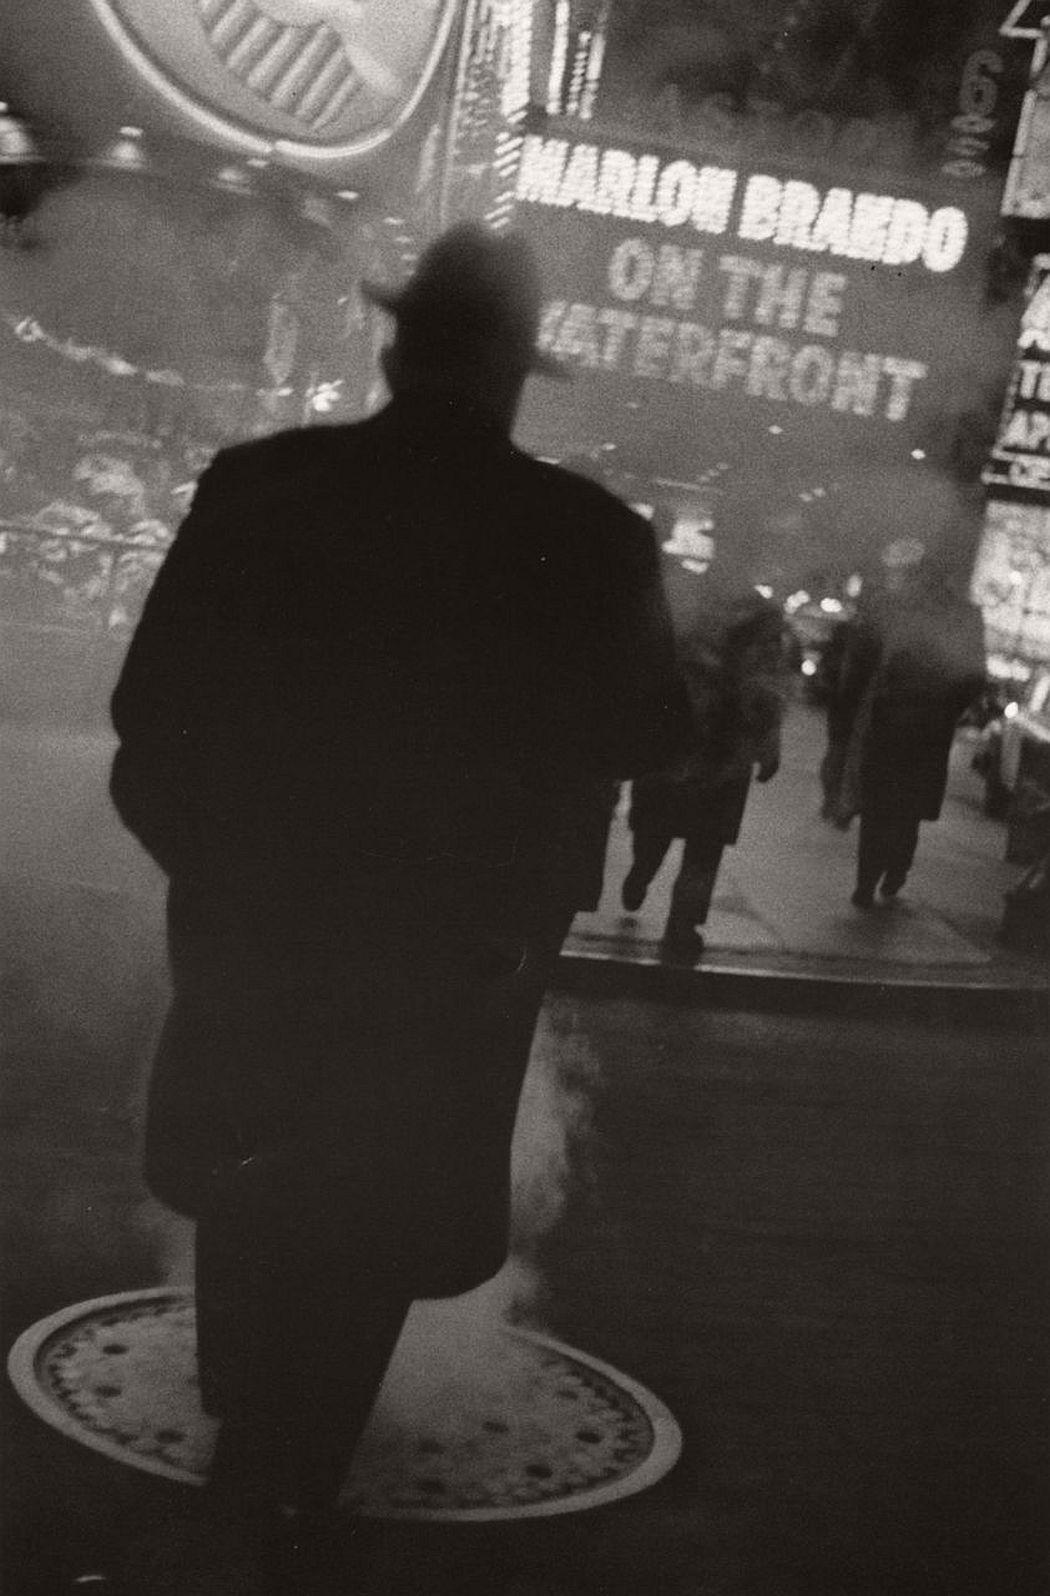 louis-stettner-american-street-photographerr-10